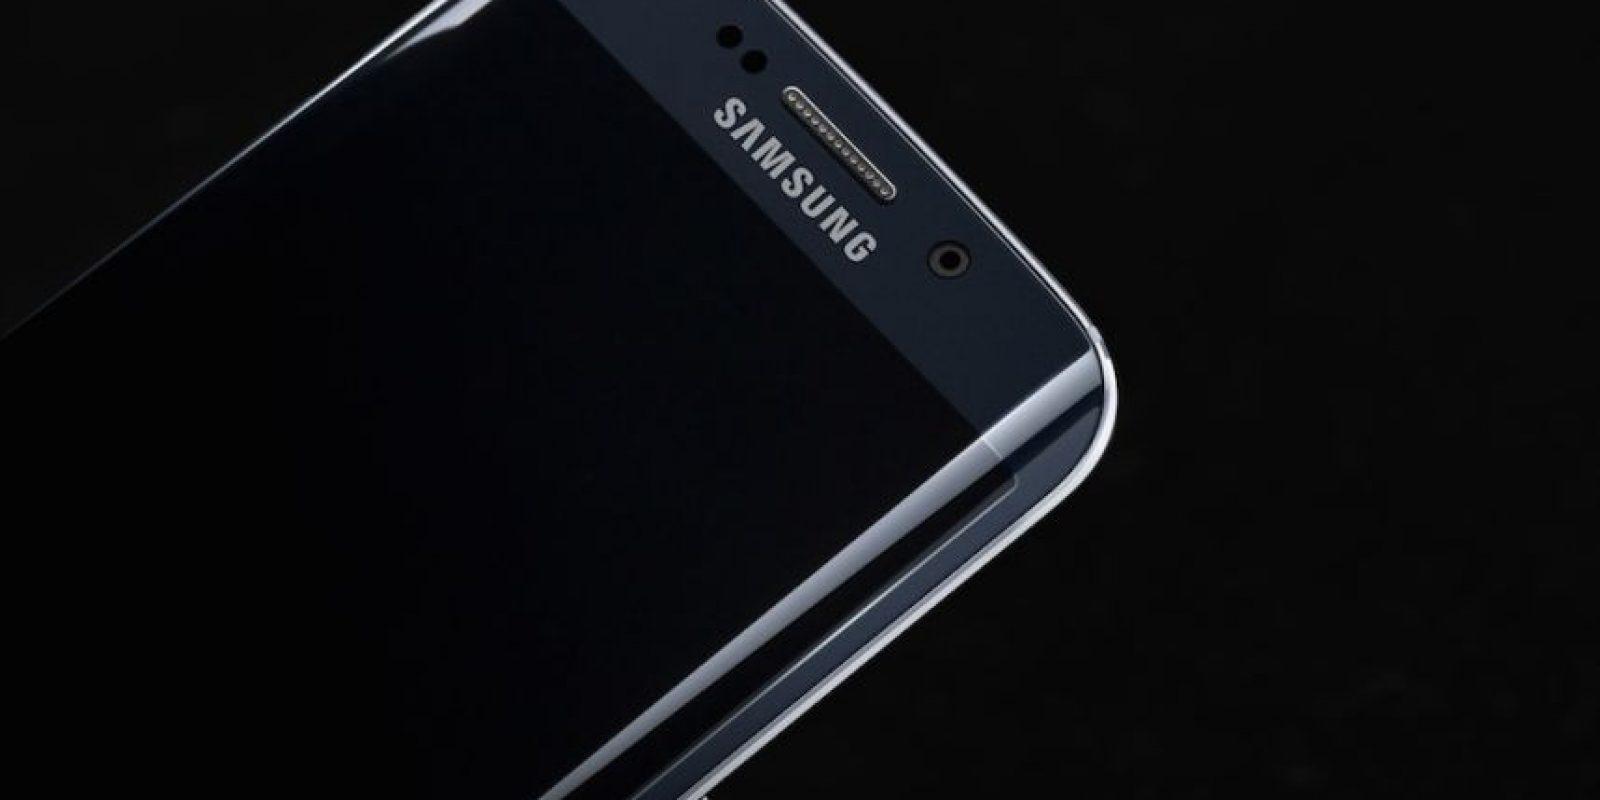 La resolución de su pantalla es de 1440 * 2560 pixeles a 577 ppi. Foto:Samsung